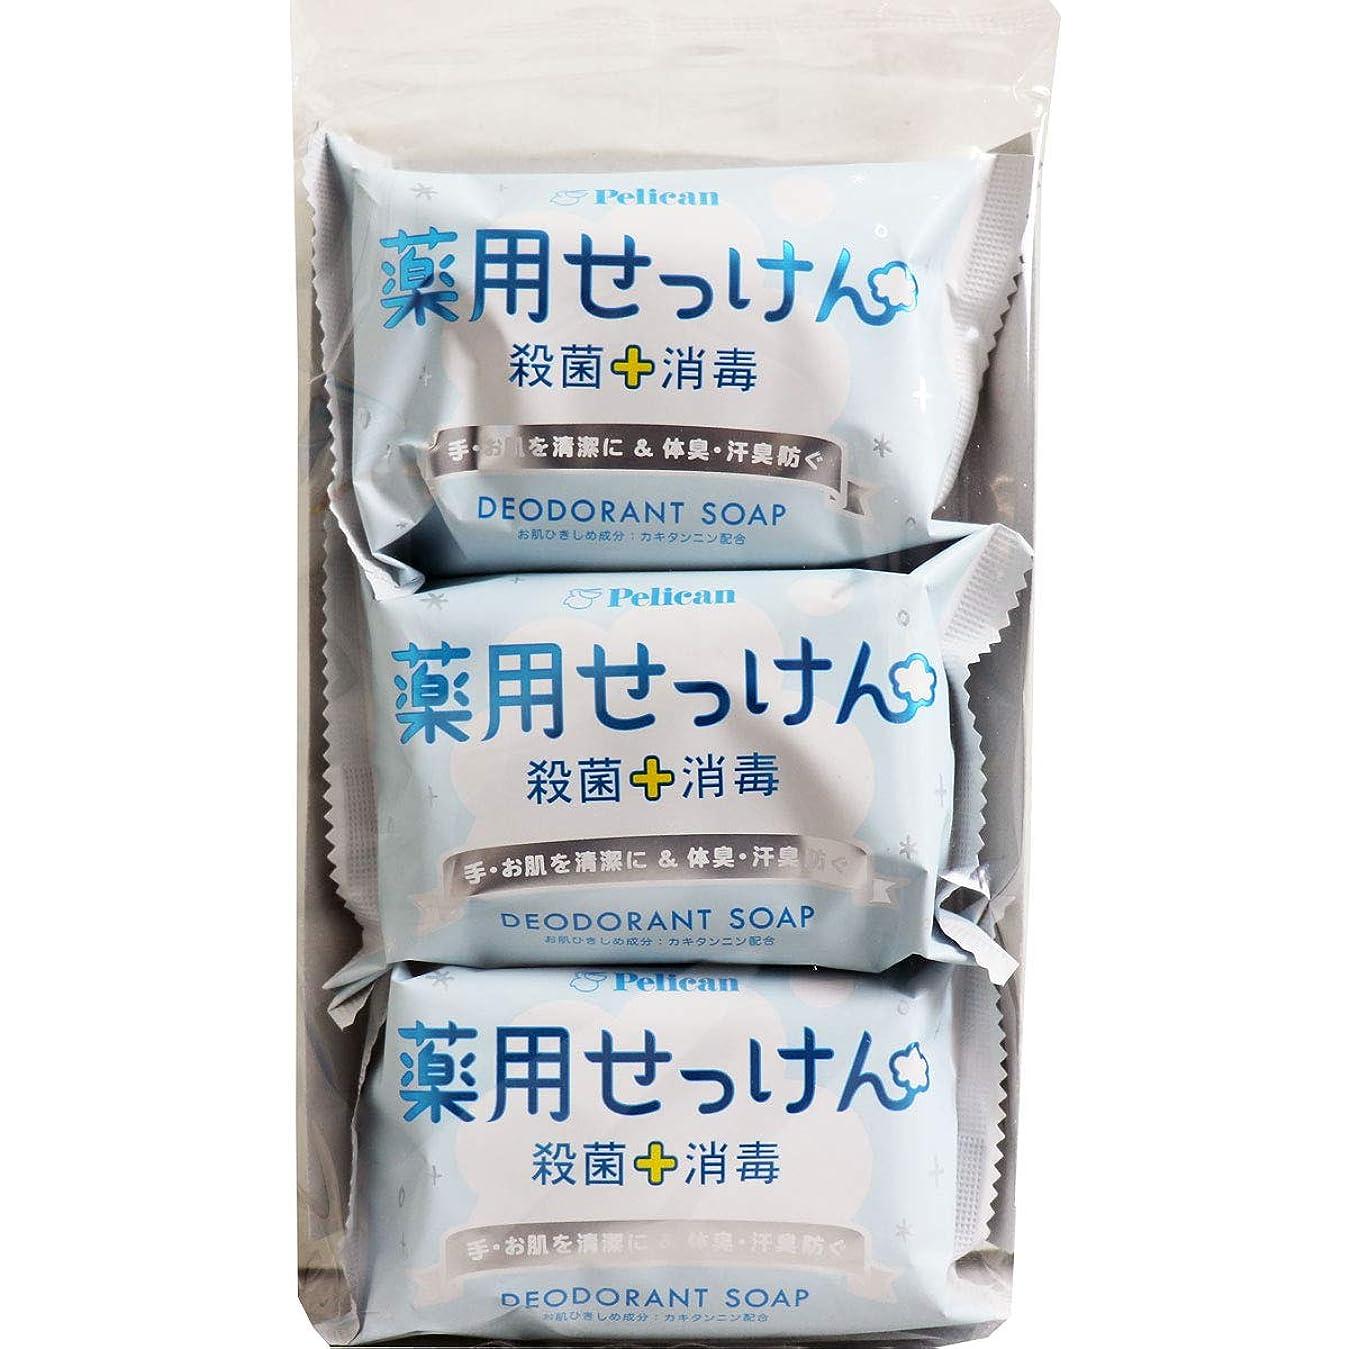 頭蓋骨メールを書くシネマペリカン石鹸 薬用石けん 85g×3個×4パック